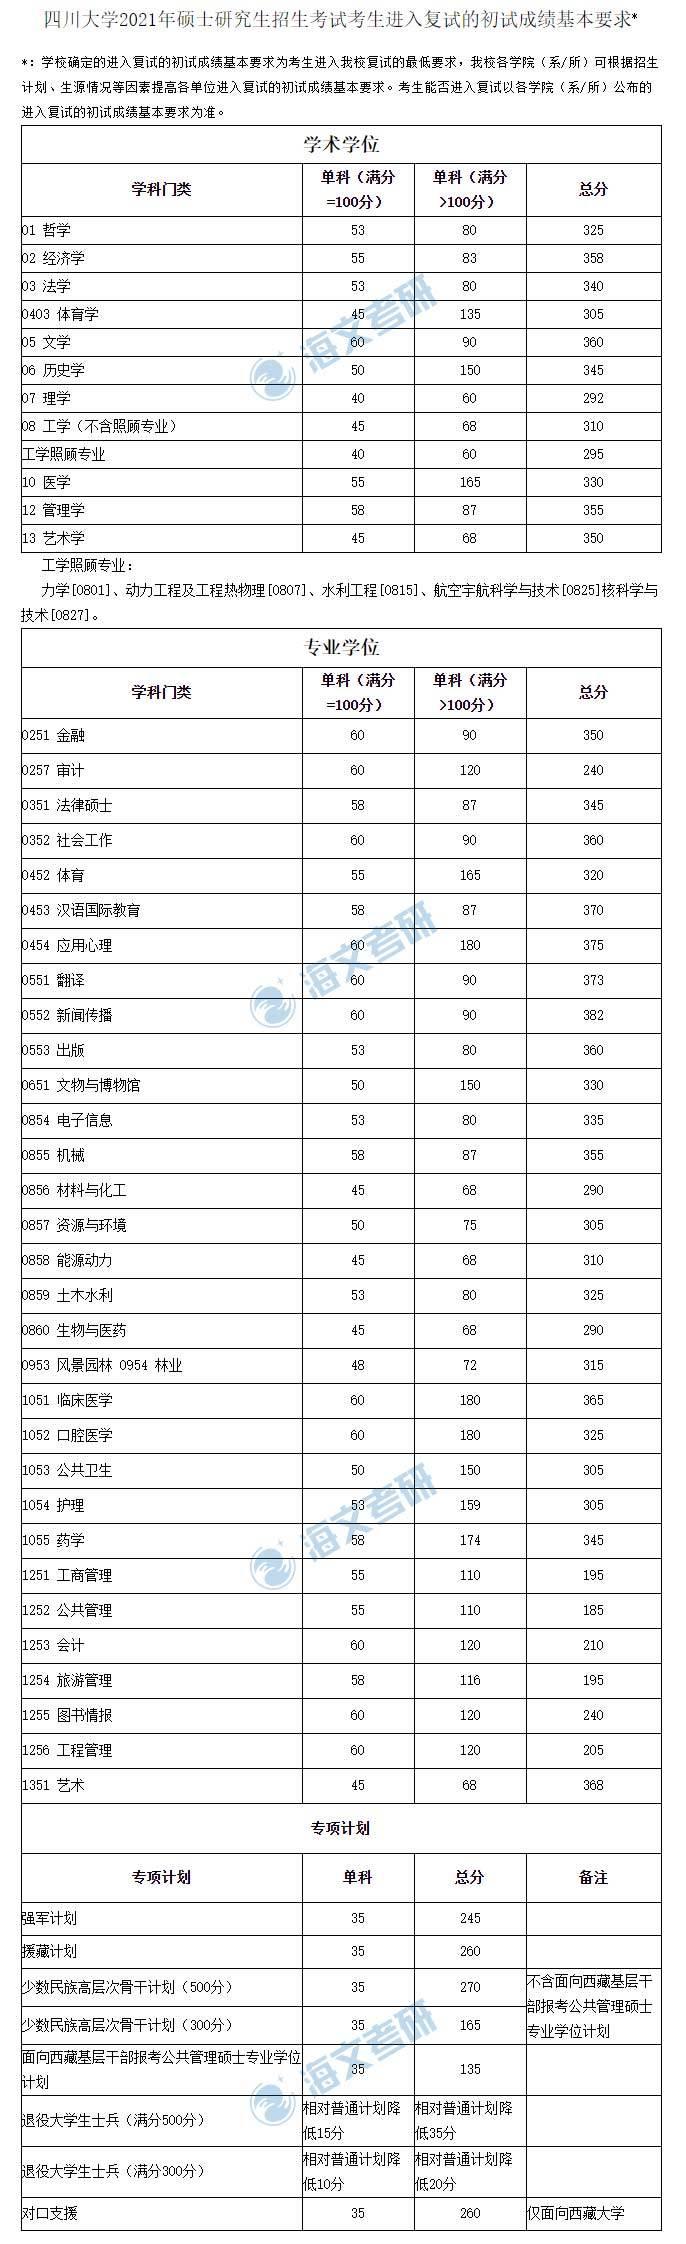 2021考研四川大学各专业复试分数线汇总